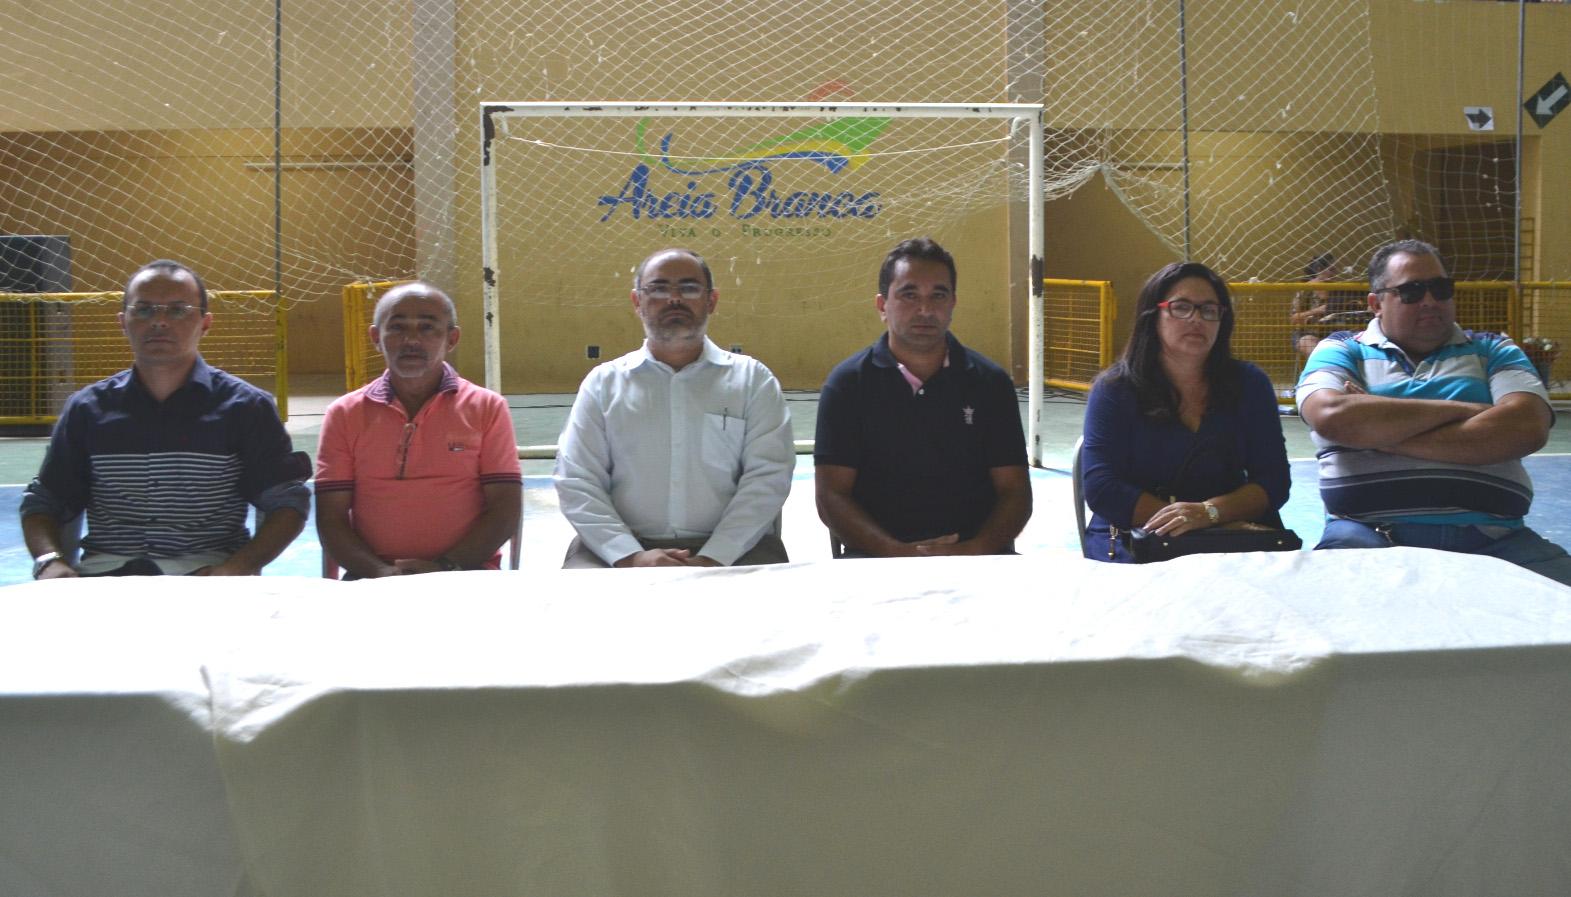 Secretário Edson Souza, vereador Dijalma, Procurador Thiago Rebouças, gerente Erinaldo Rolim, Santa e Alexsandro Lacerda